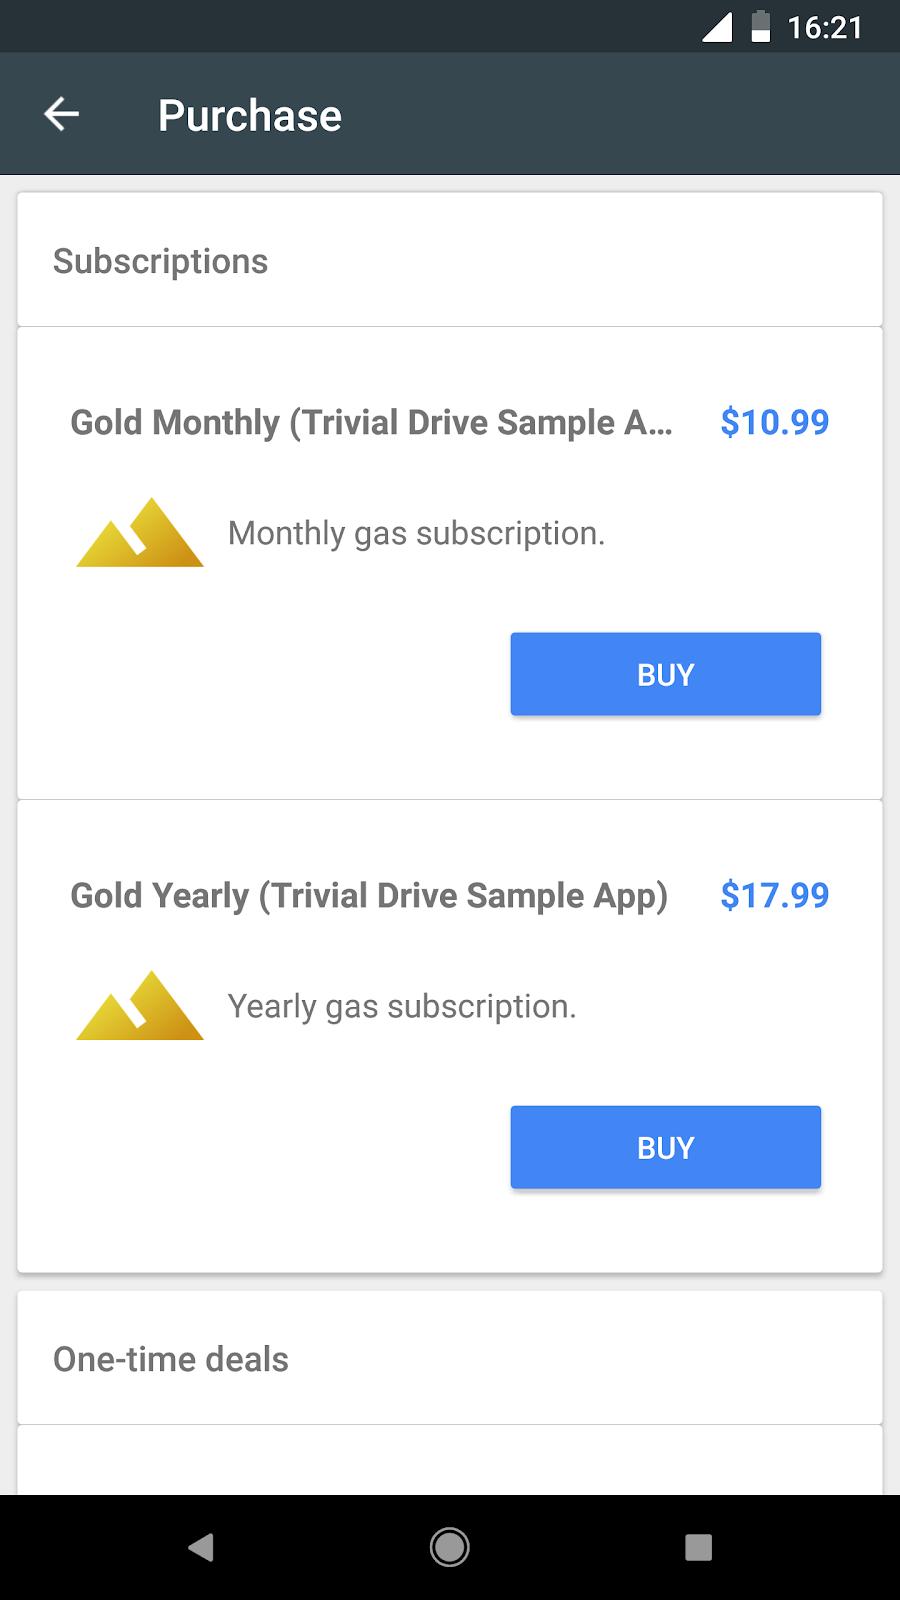 このアプリには 2 つの定期購入階層が含まれています